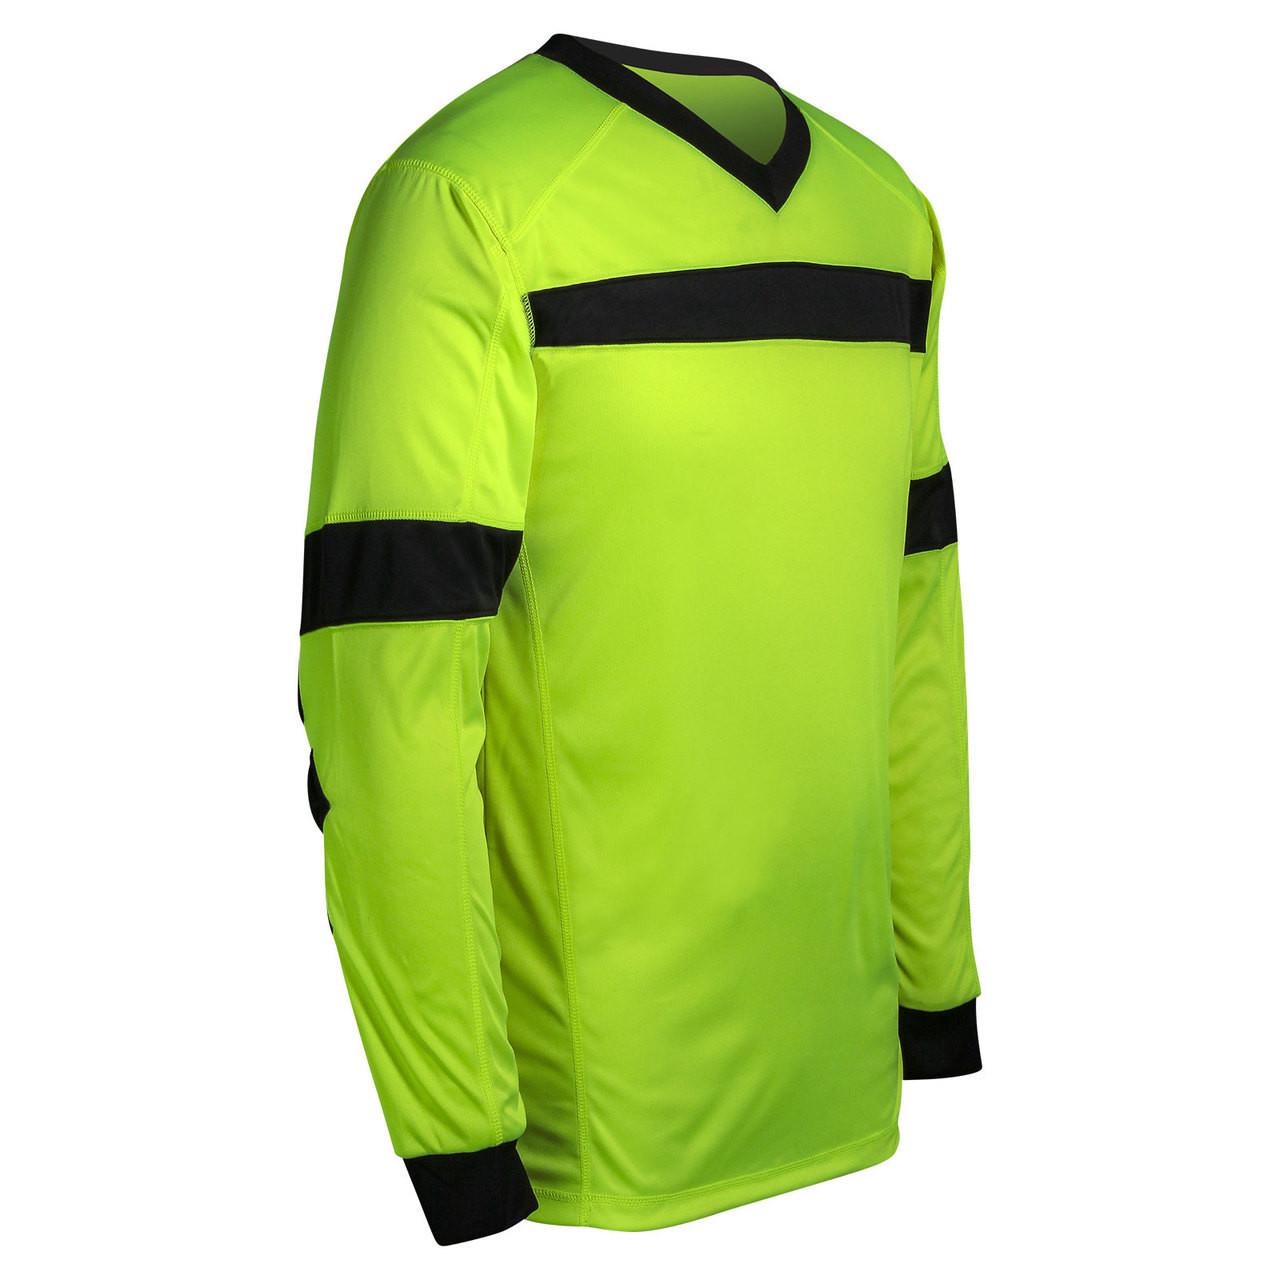 4027e373e02 Champro Keeper Soccer Goalie Jersey  Champro Keeper Soccer Goalie Jersey ...